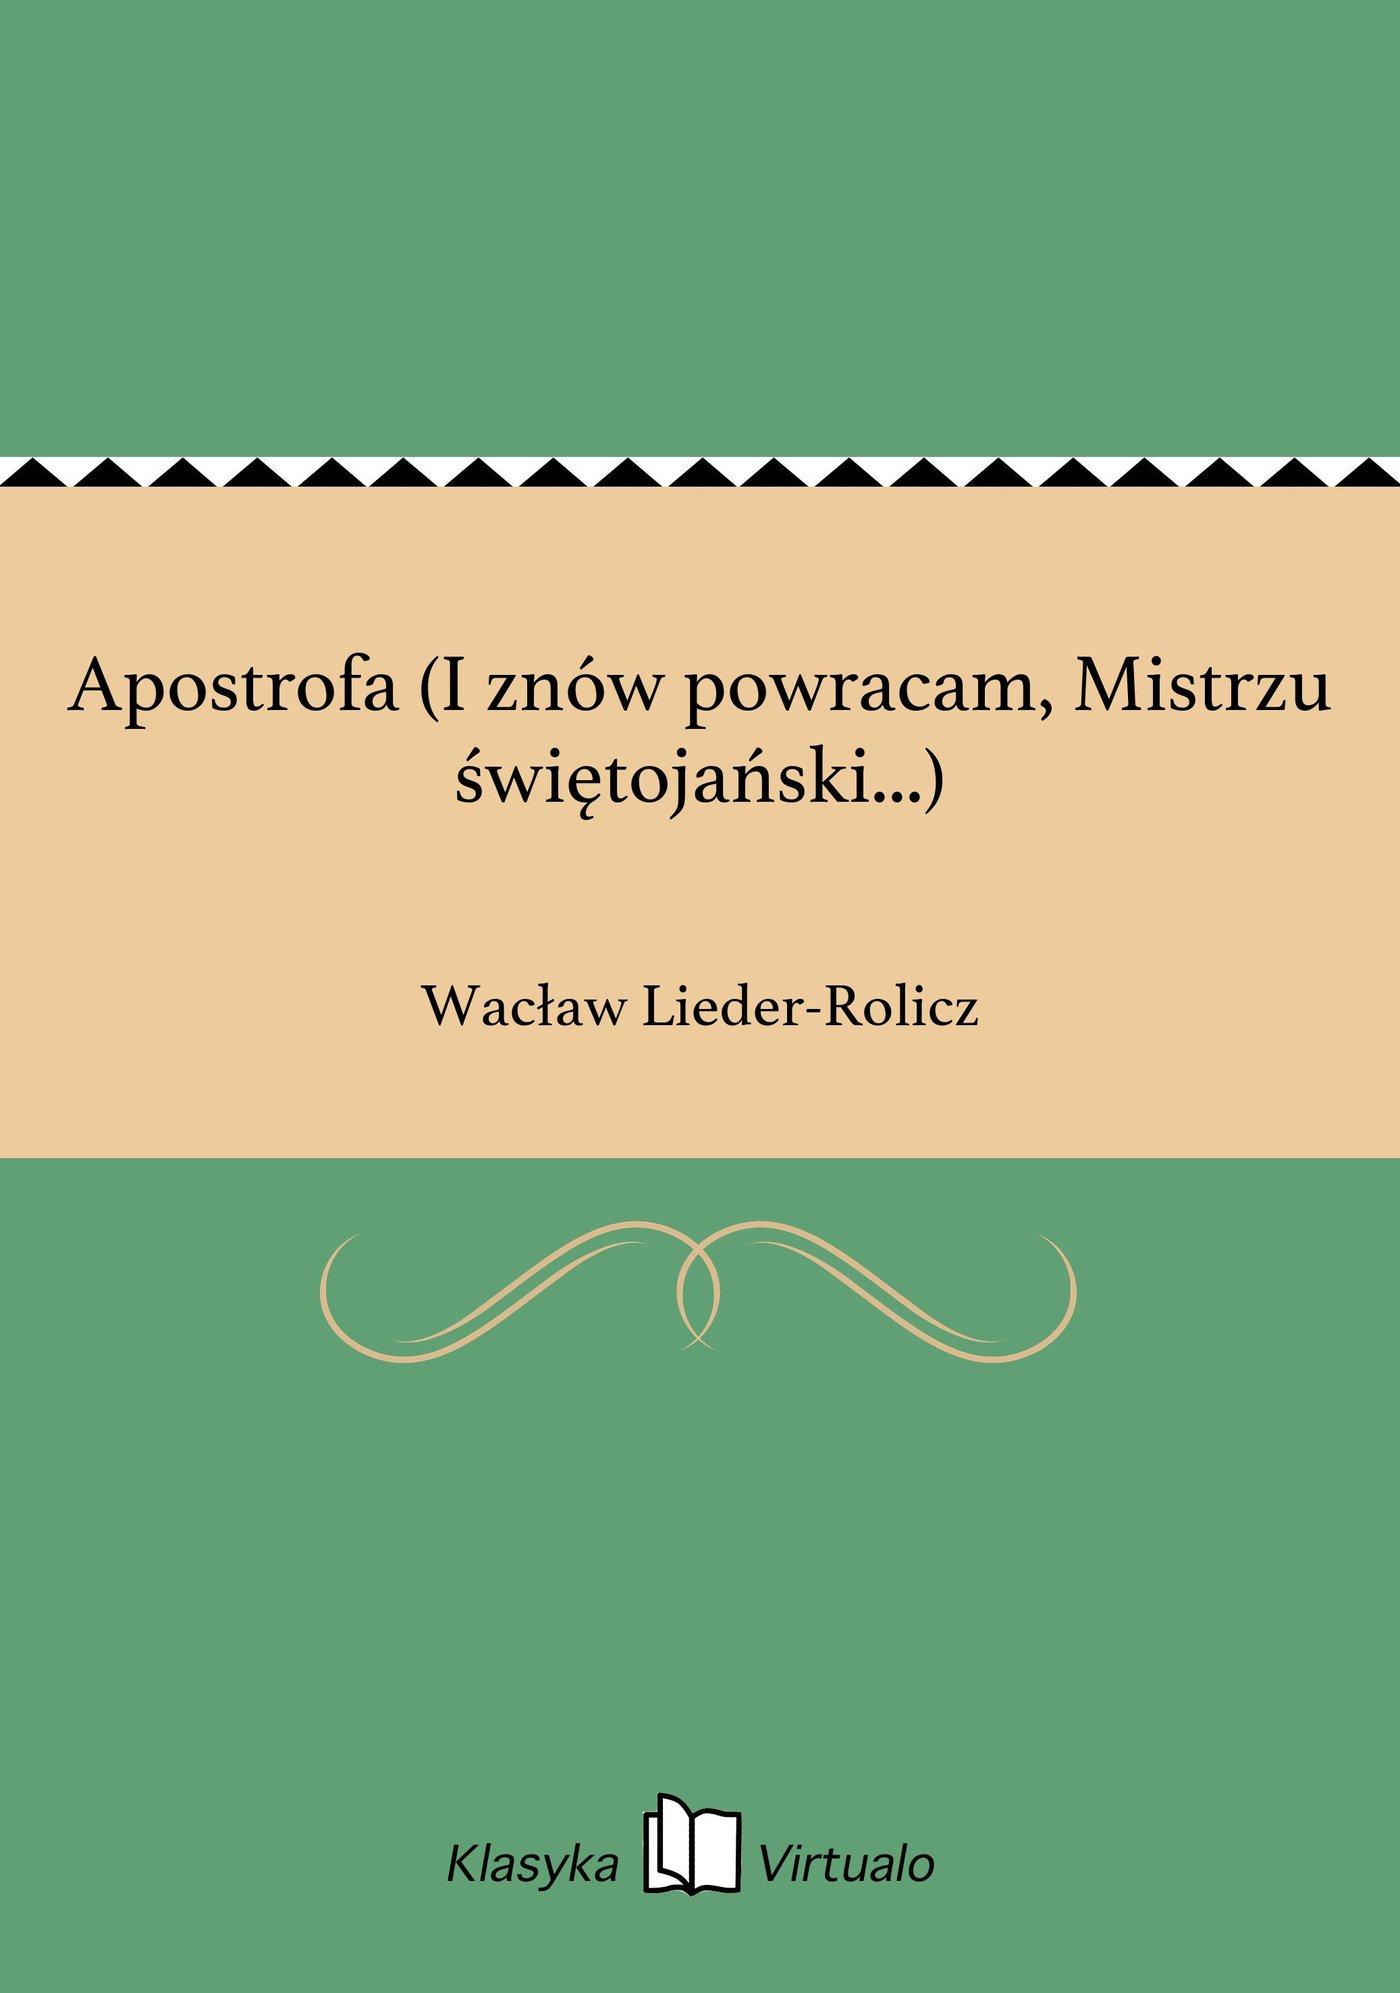 Apostrofa (I znów powracam, Mistrzu świętojański...) - Ebook (Książka na Kindle) do pobrania w formacie MOBI